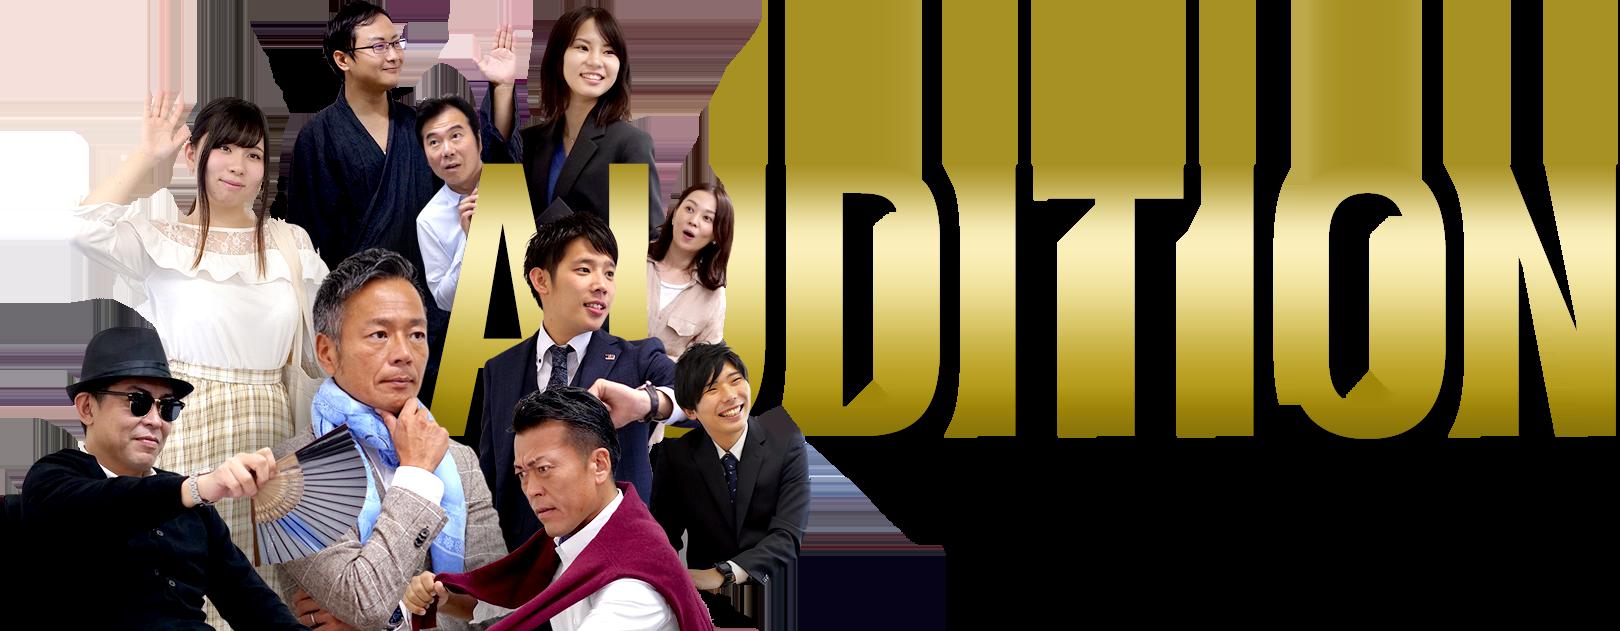 派遣会社ウィル|スペシャルドラマ「オーディション」